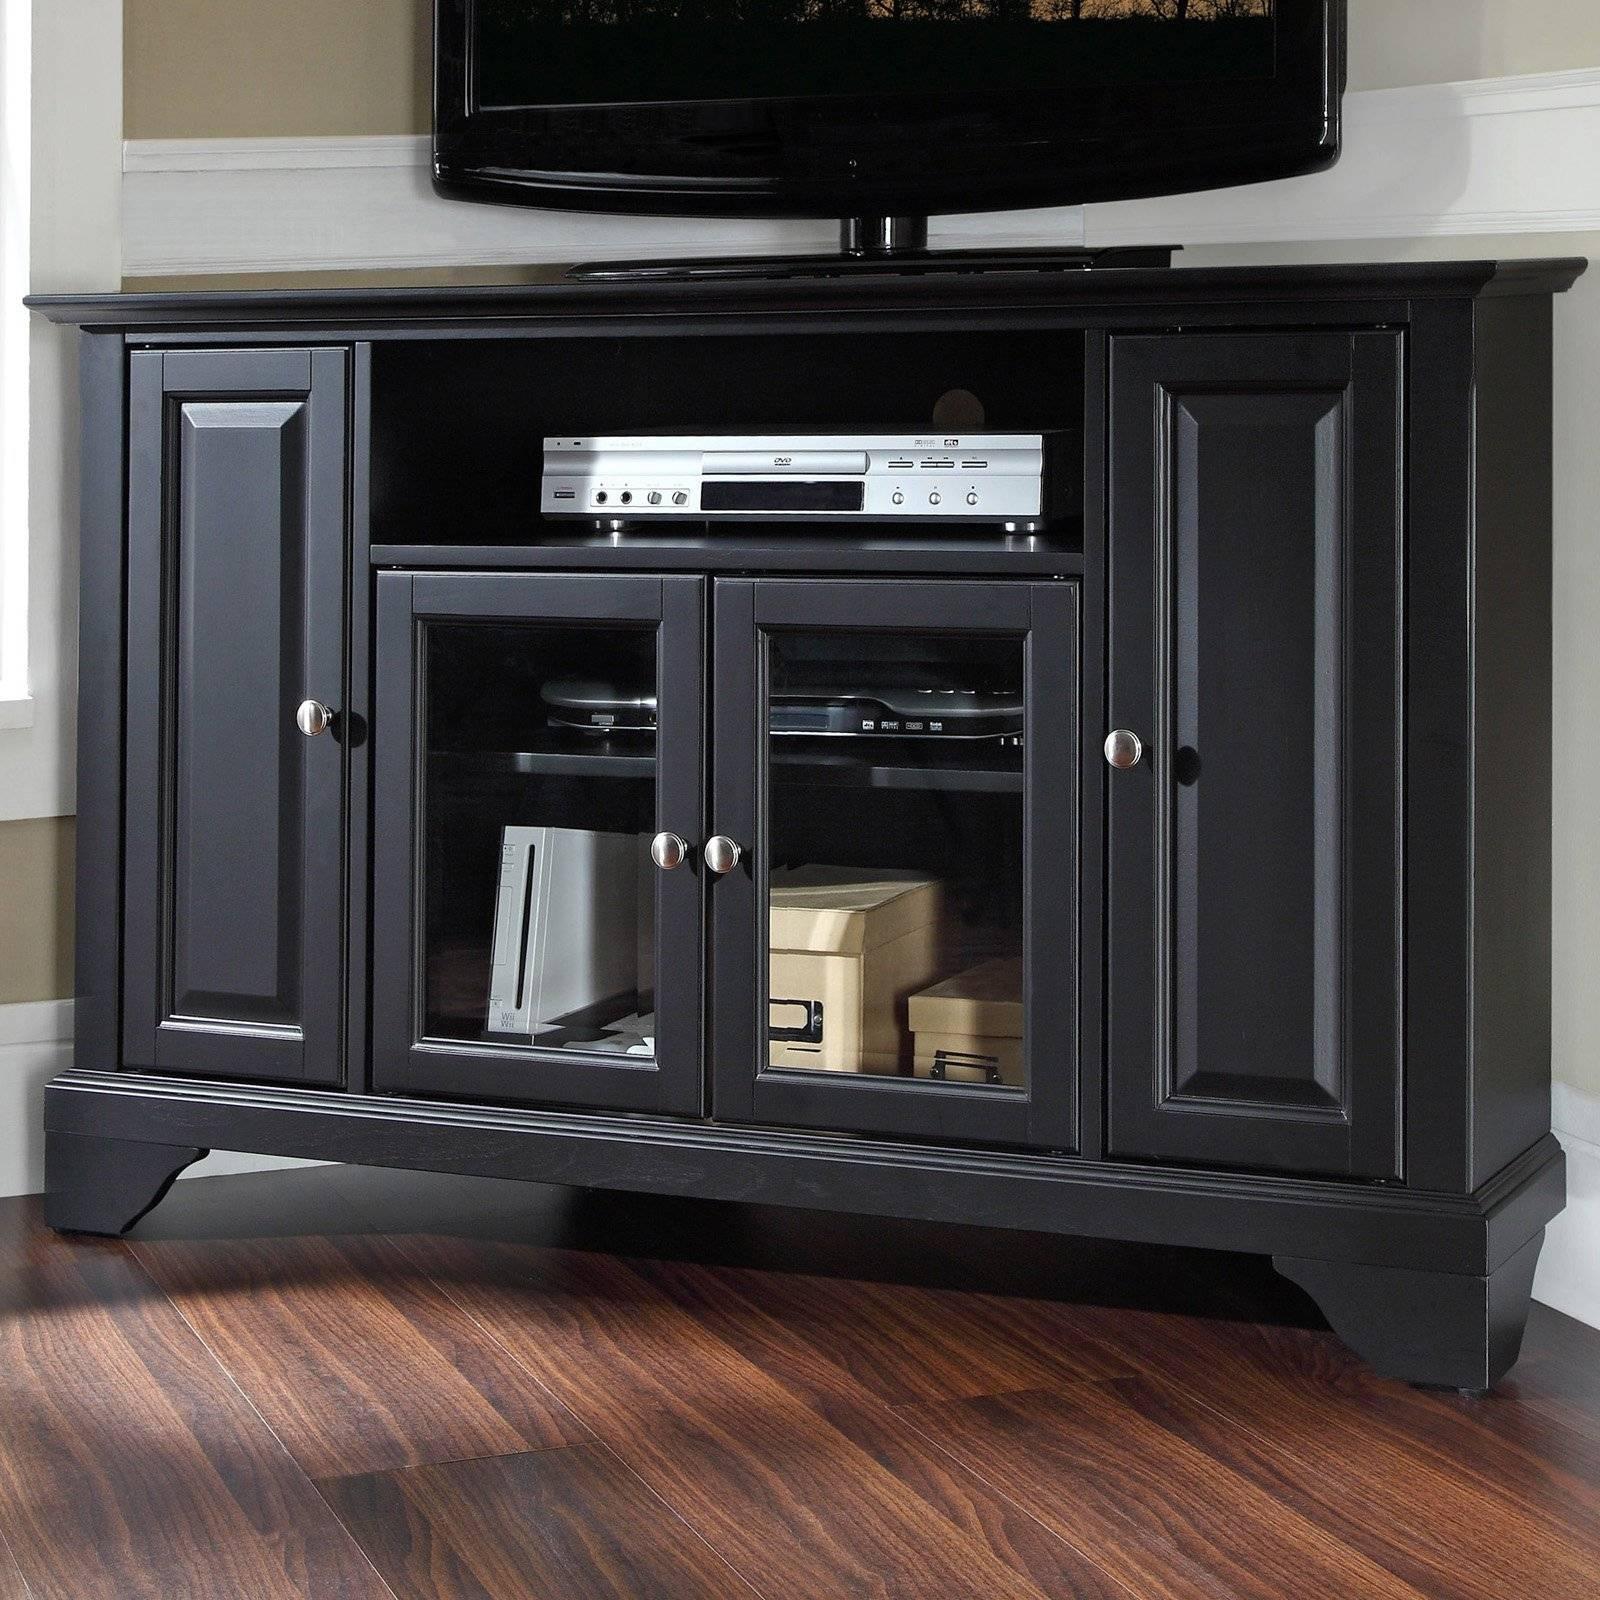 Charmful Sauder Black Tv Stand Sauder Tv Stand Black Home Design throughout Black Wood Corner Tv Stands (Image 2 of 15)